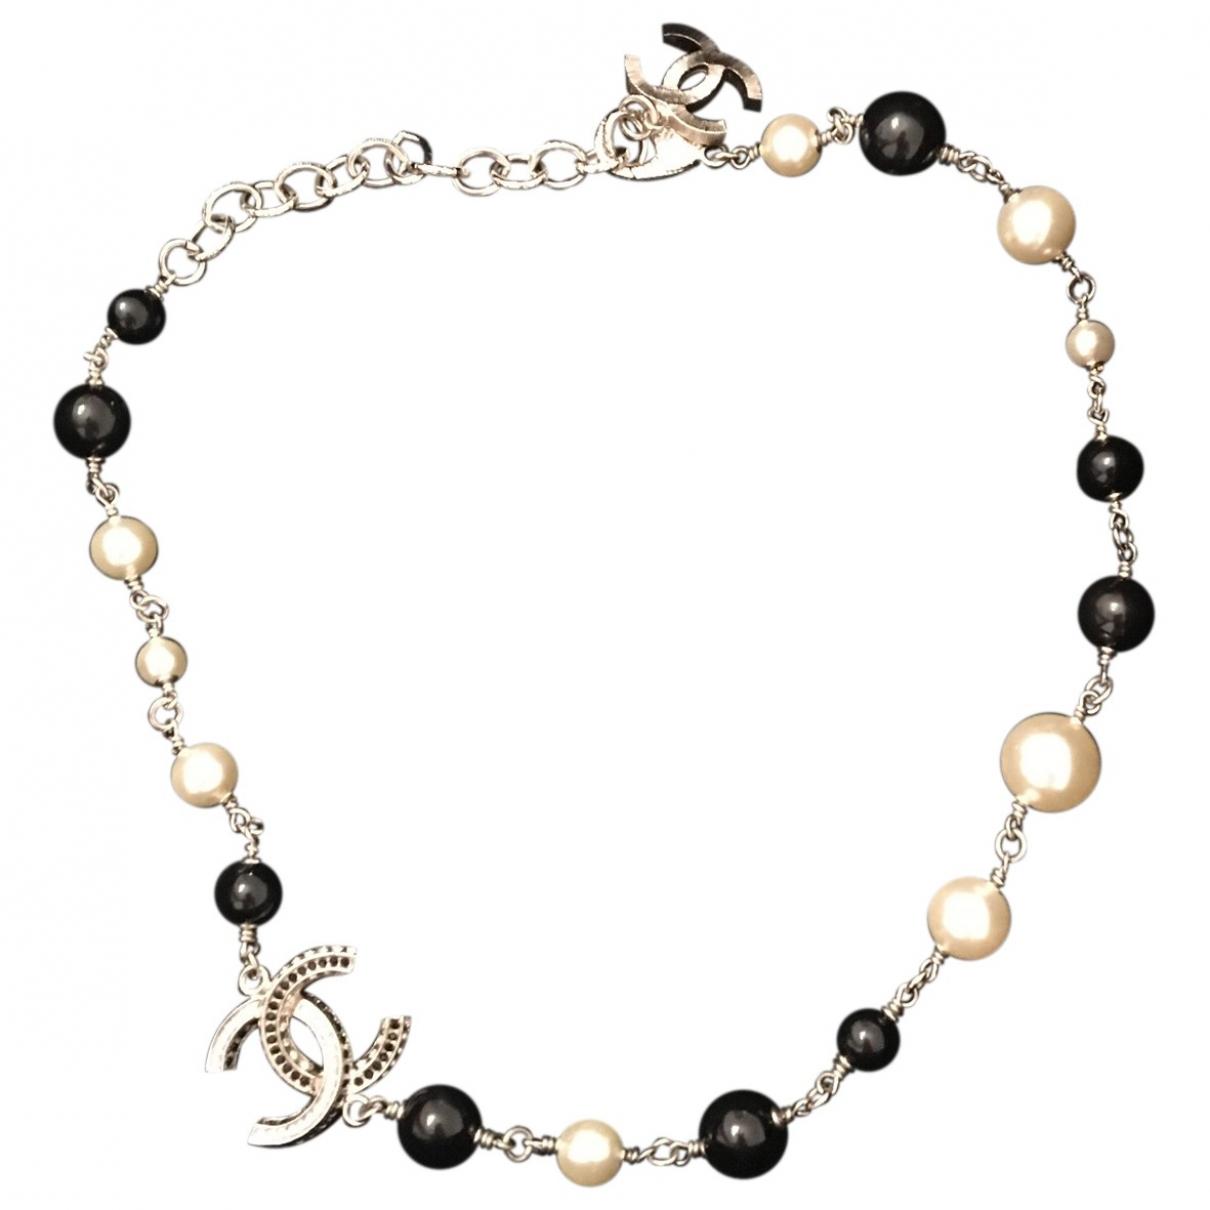 Collar CC de Perlas Chanel